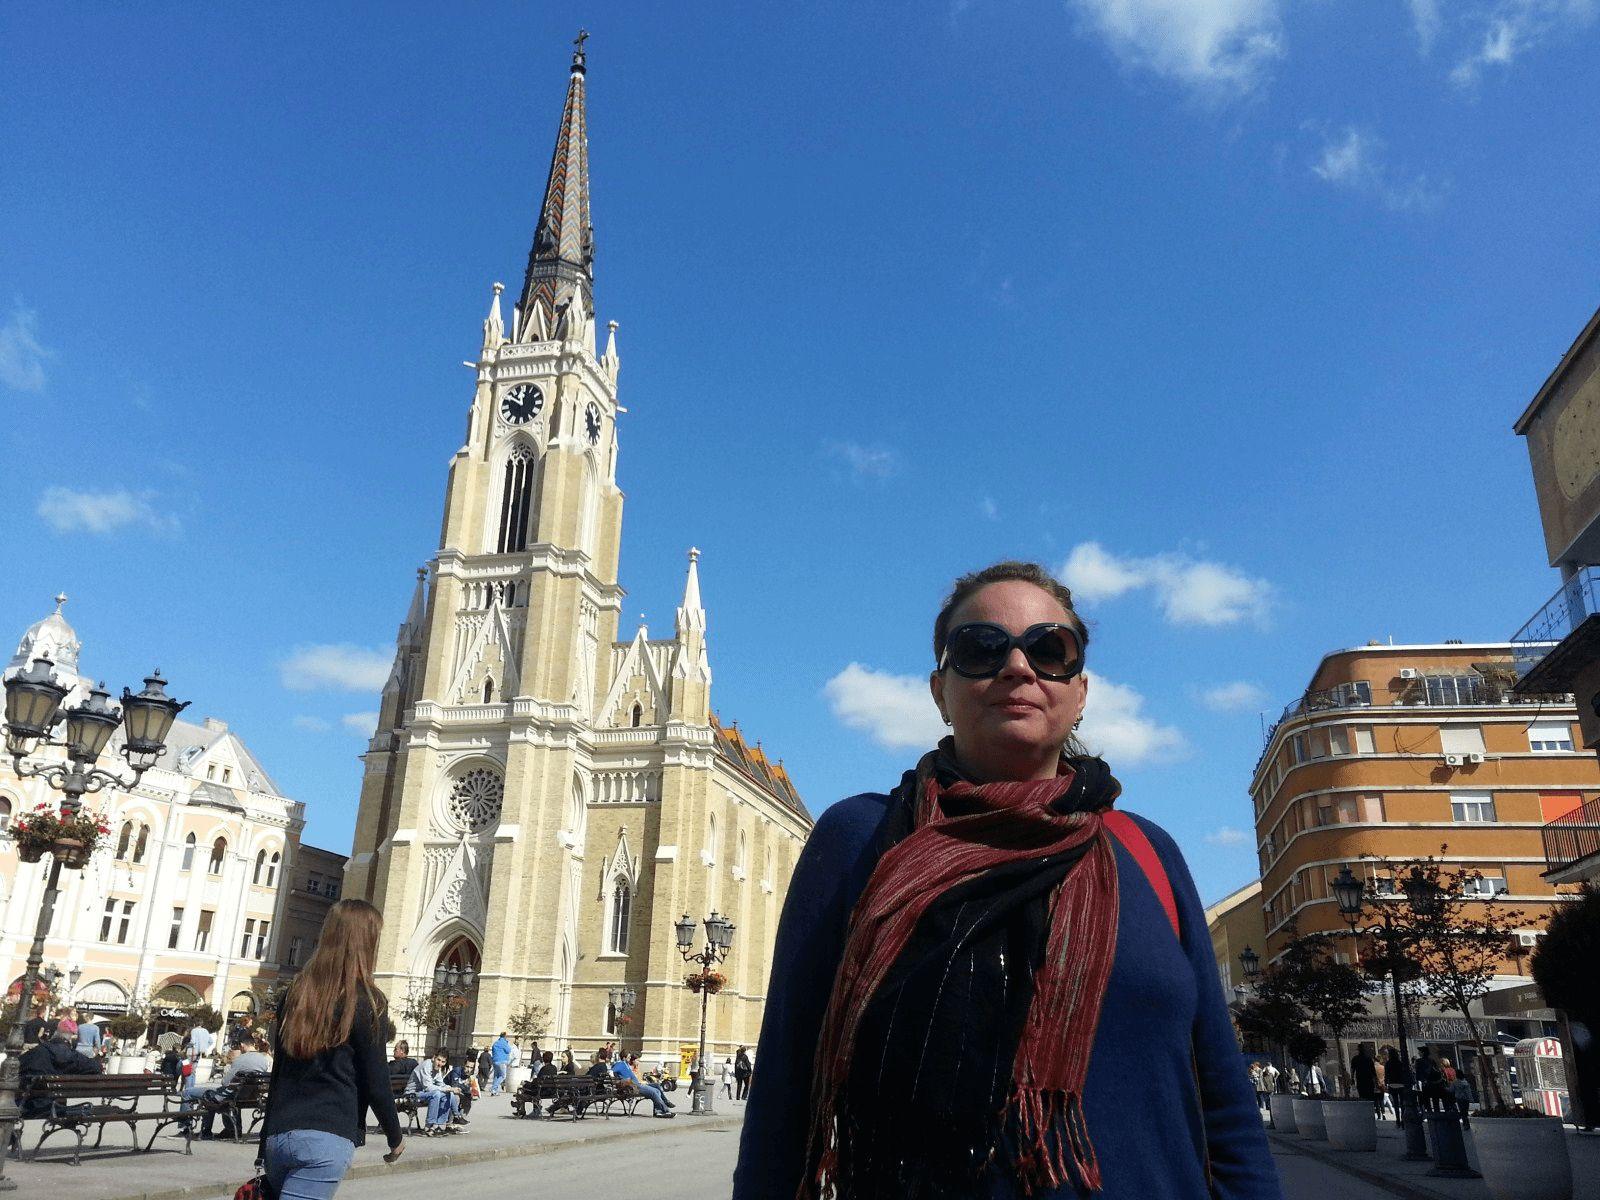 Beograd i Vojvodina: Novi Sad: katolička katedrala